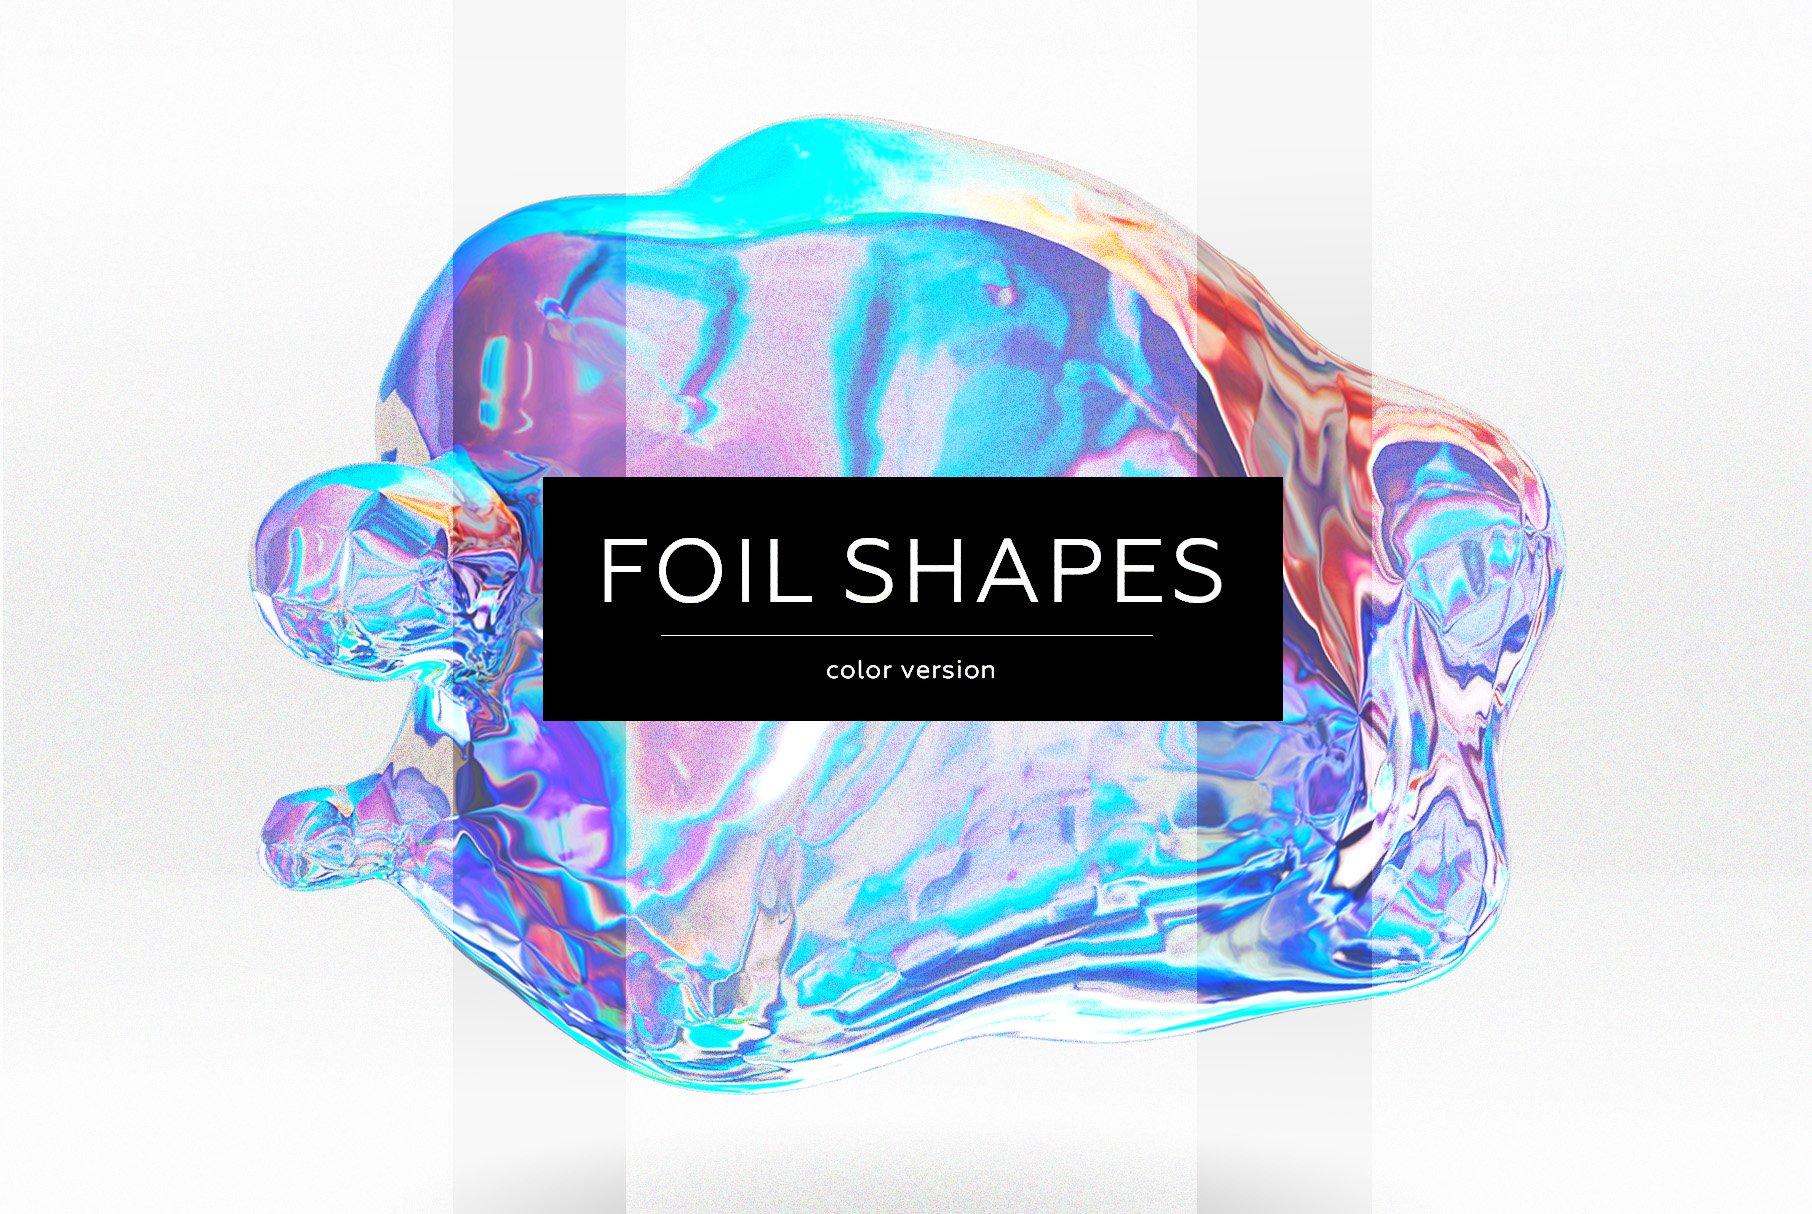 [淘宝购买] 23款抽象全息渐变不规则碎裂3D水滴流体图形设计素材 FOIL SHAPES Color Version插图